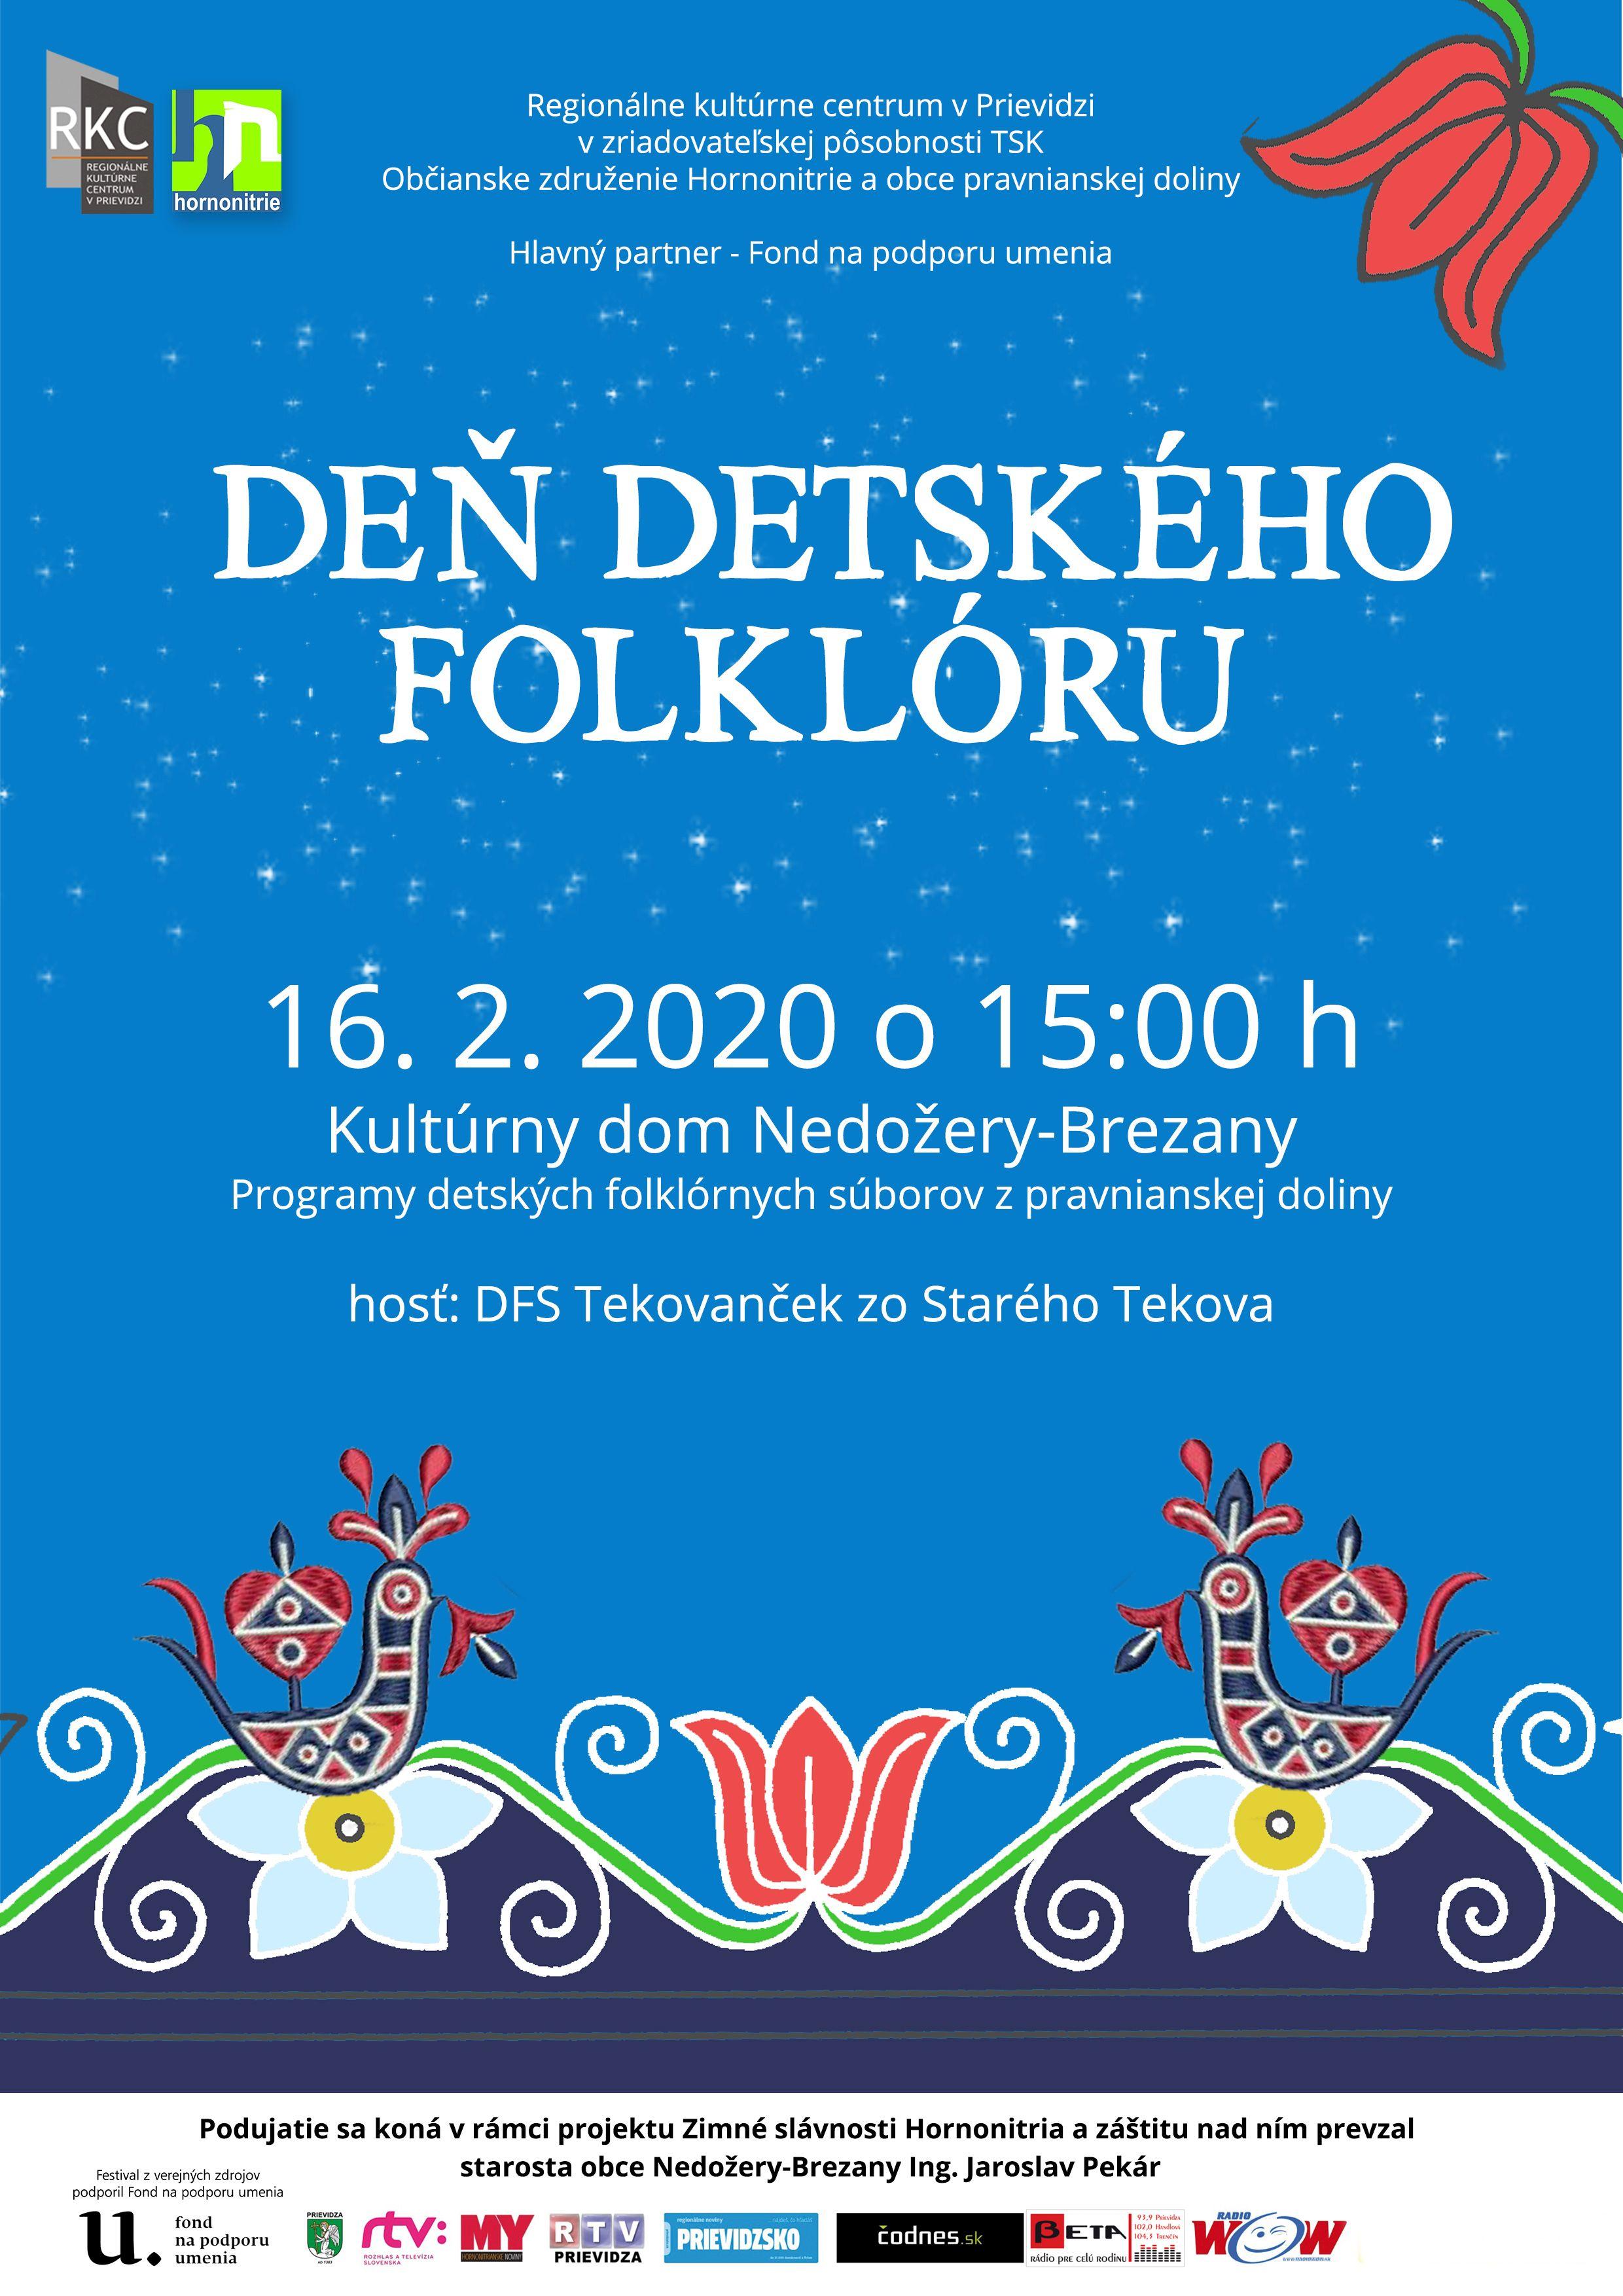 Deň detského folklóru 2020